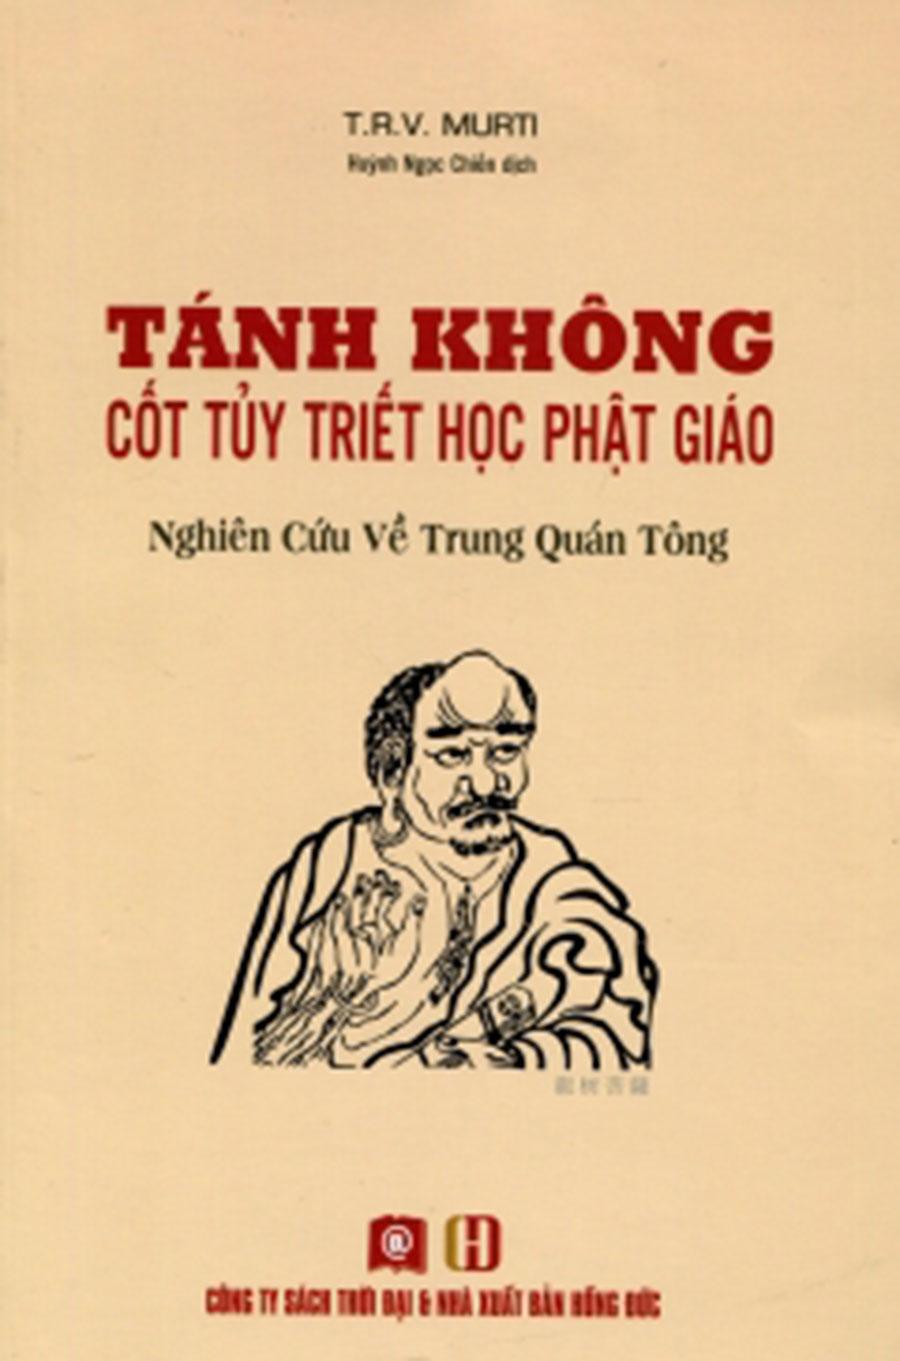 Tánh không Cốt tủy Triết học Phật giáo